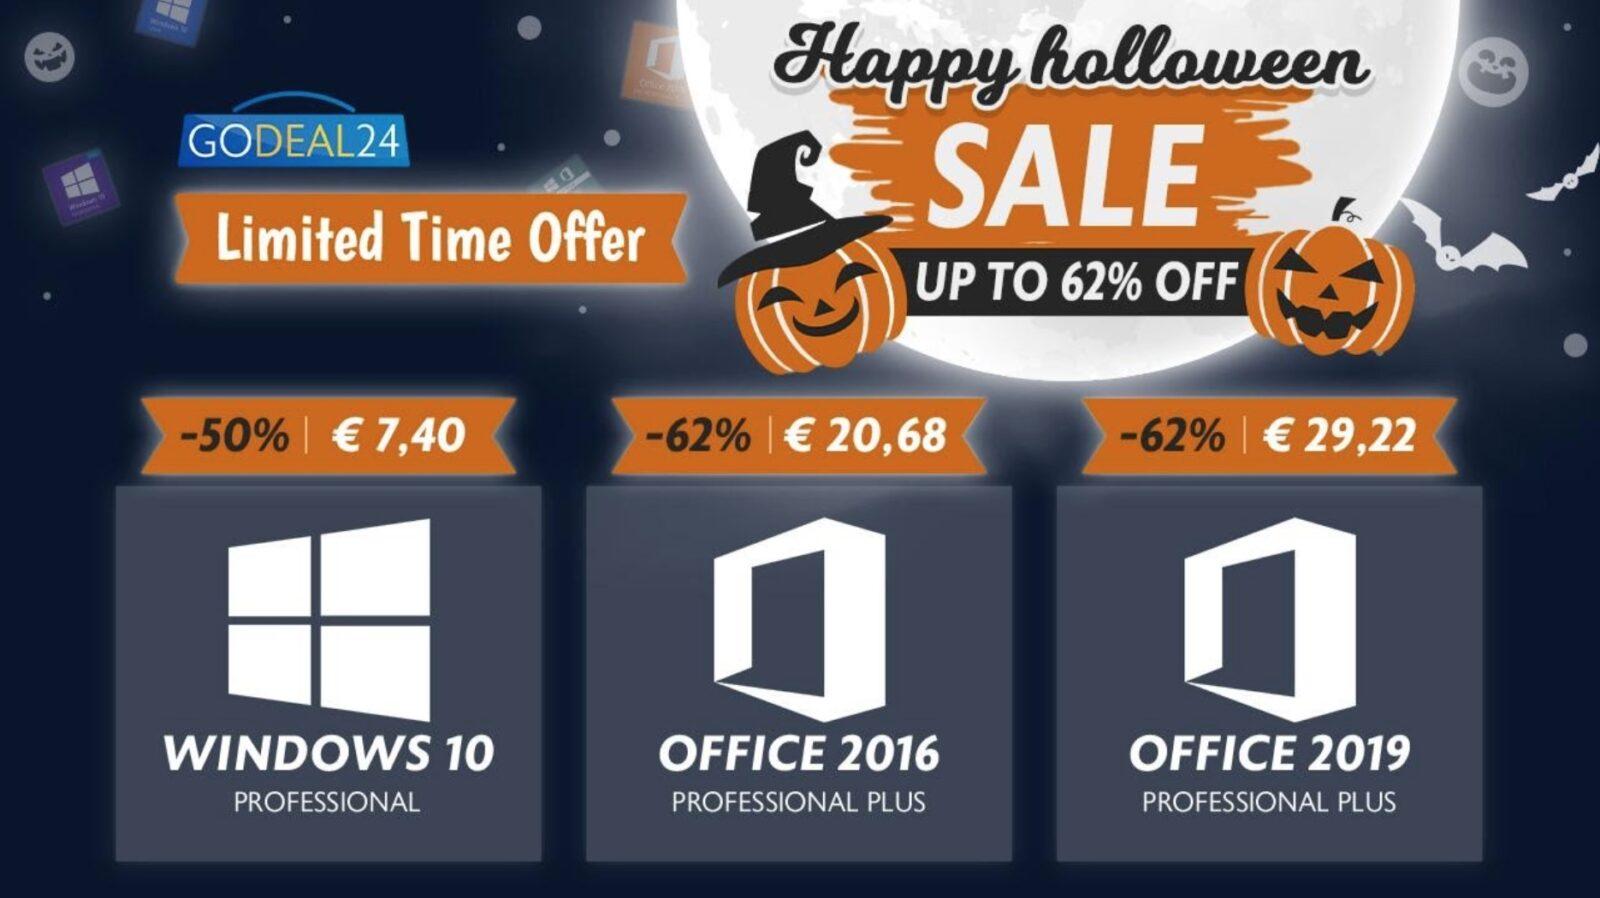 Solo 6 € Windows 10, solo 15 € Office: offerte Microsoft da paura per l'Halloween di GoDeal24.com